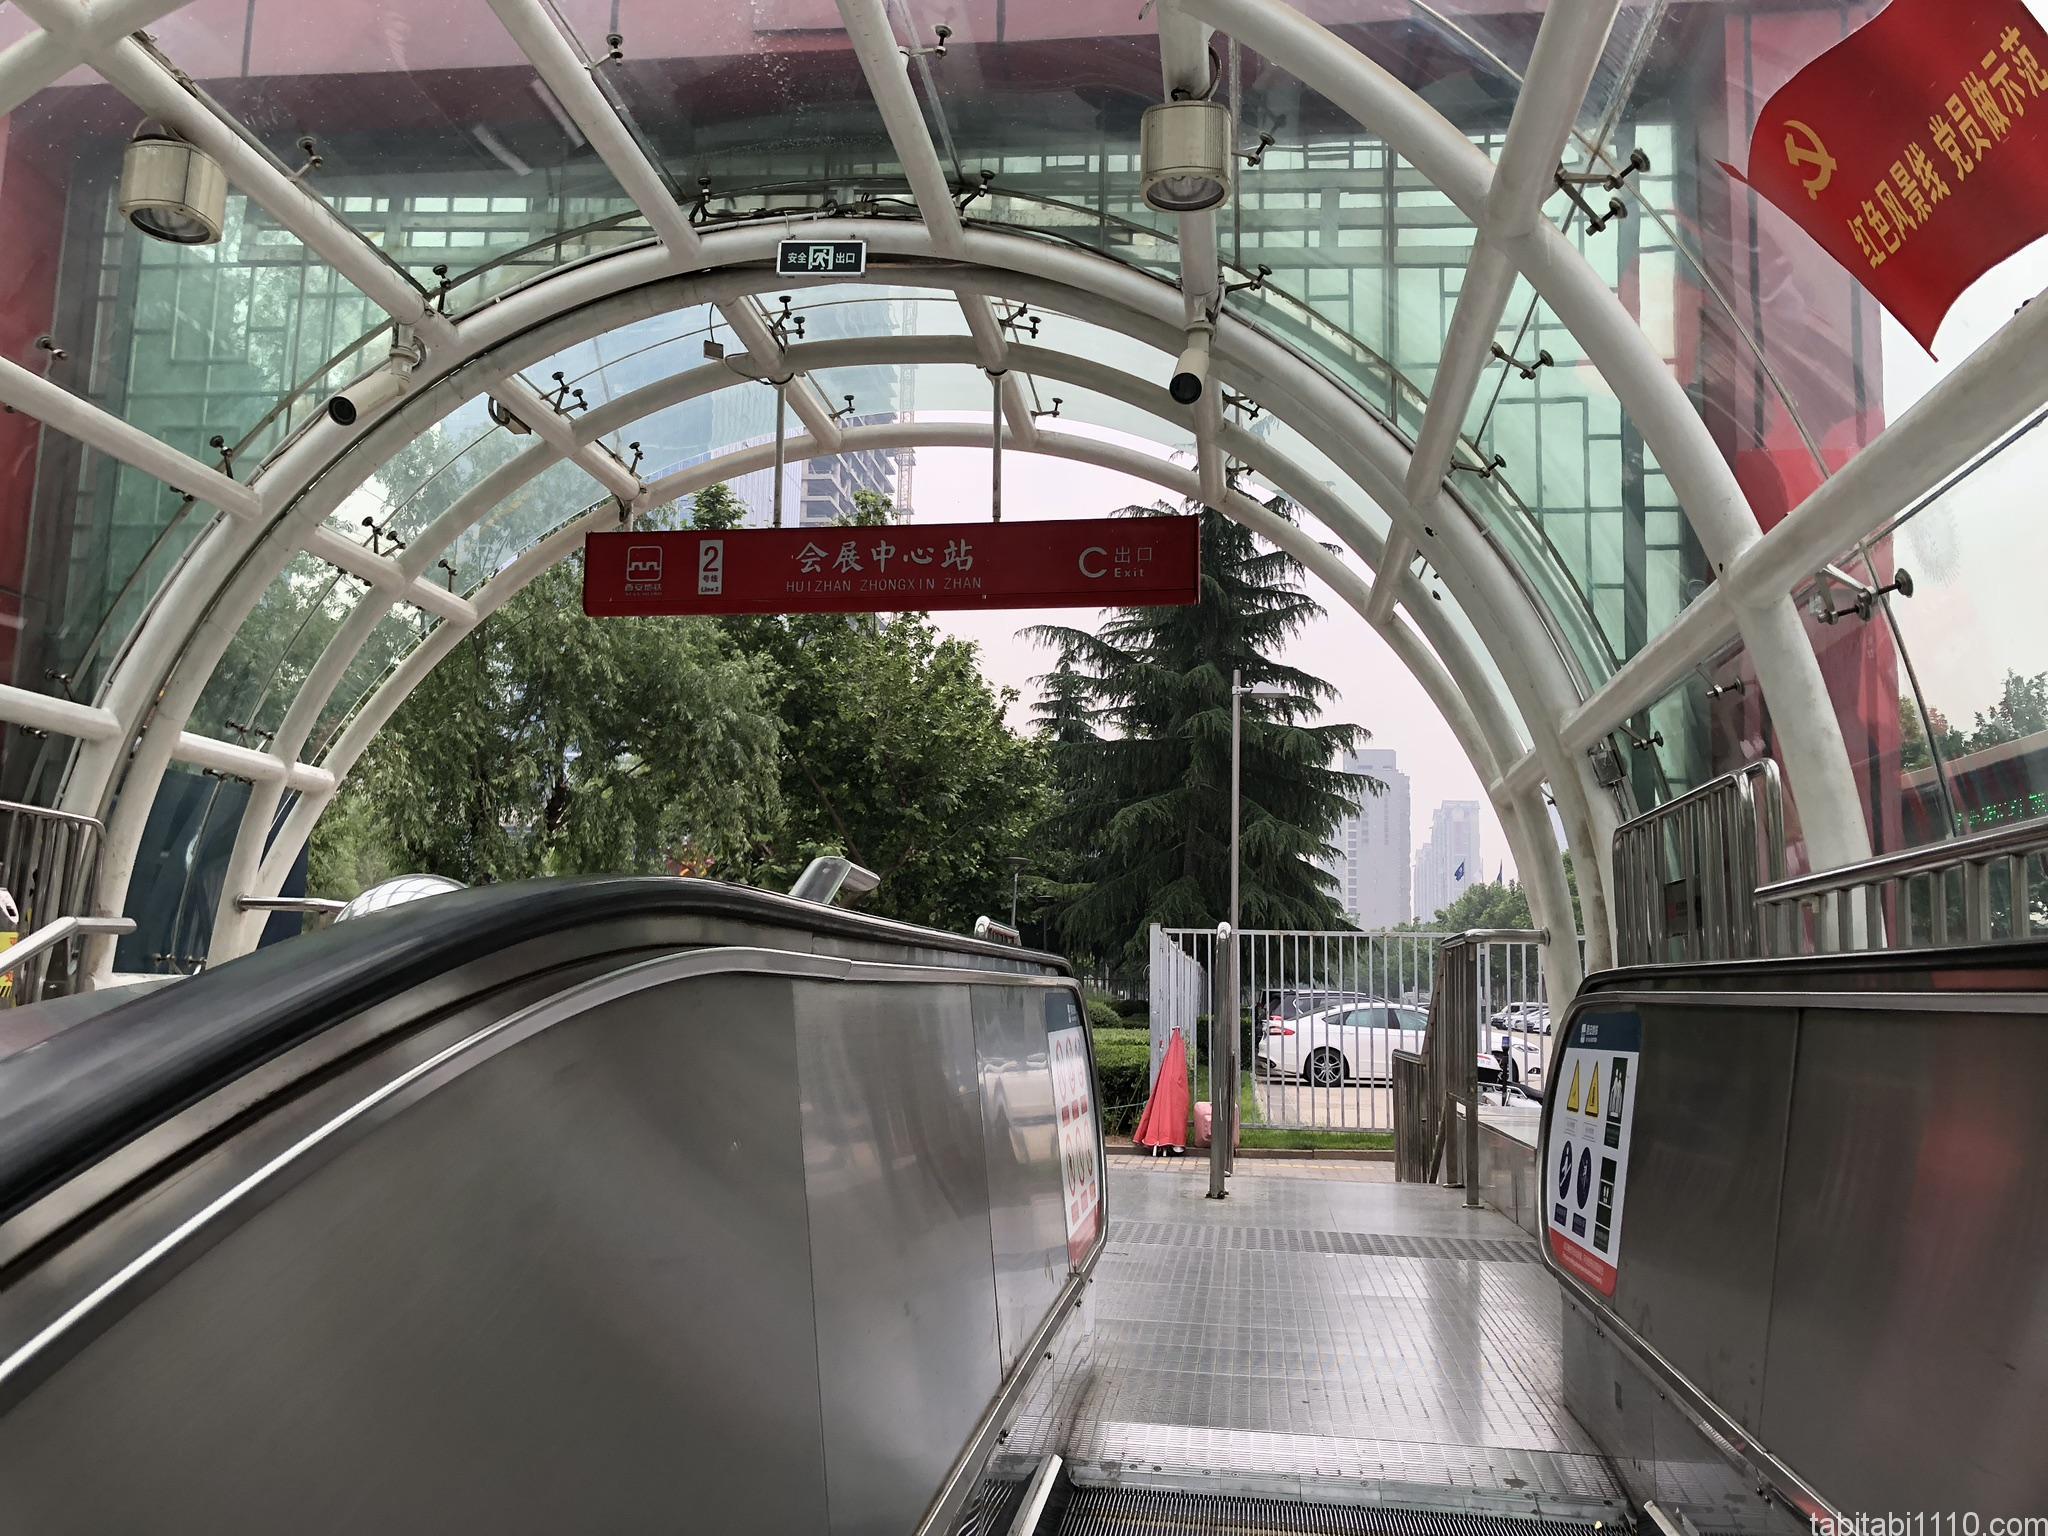 秦二世陵遺跡公園の行き方|会展中心駅